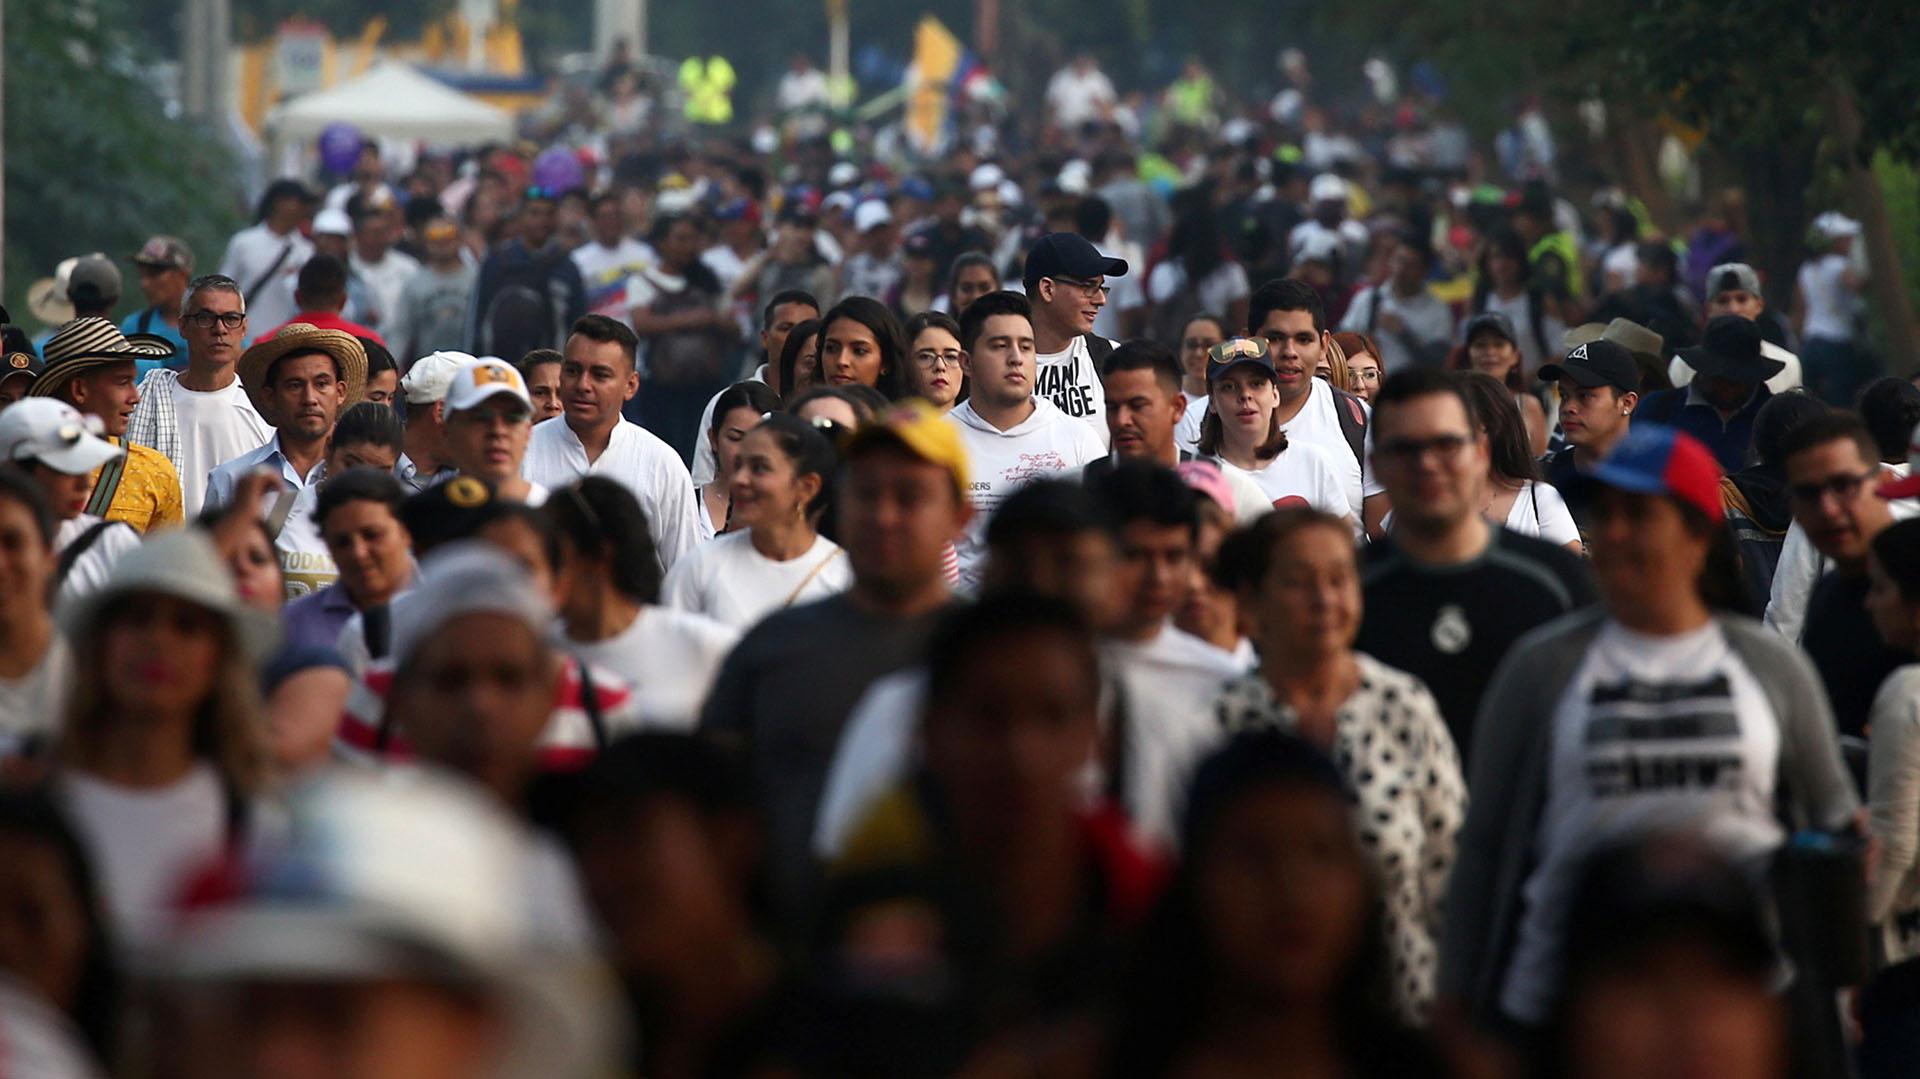 Miles de personas llegaron temprano para asistir al concierto (REUTERS/Edgard Garrido)